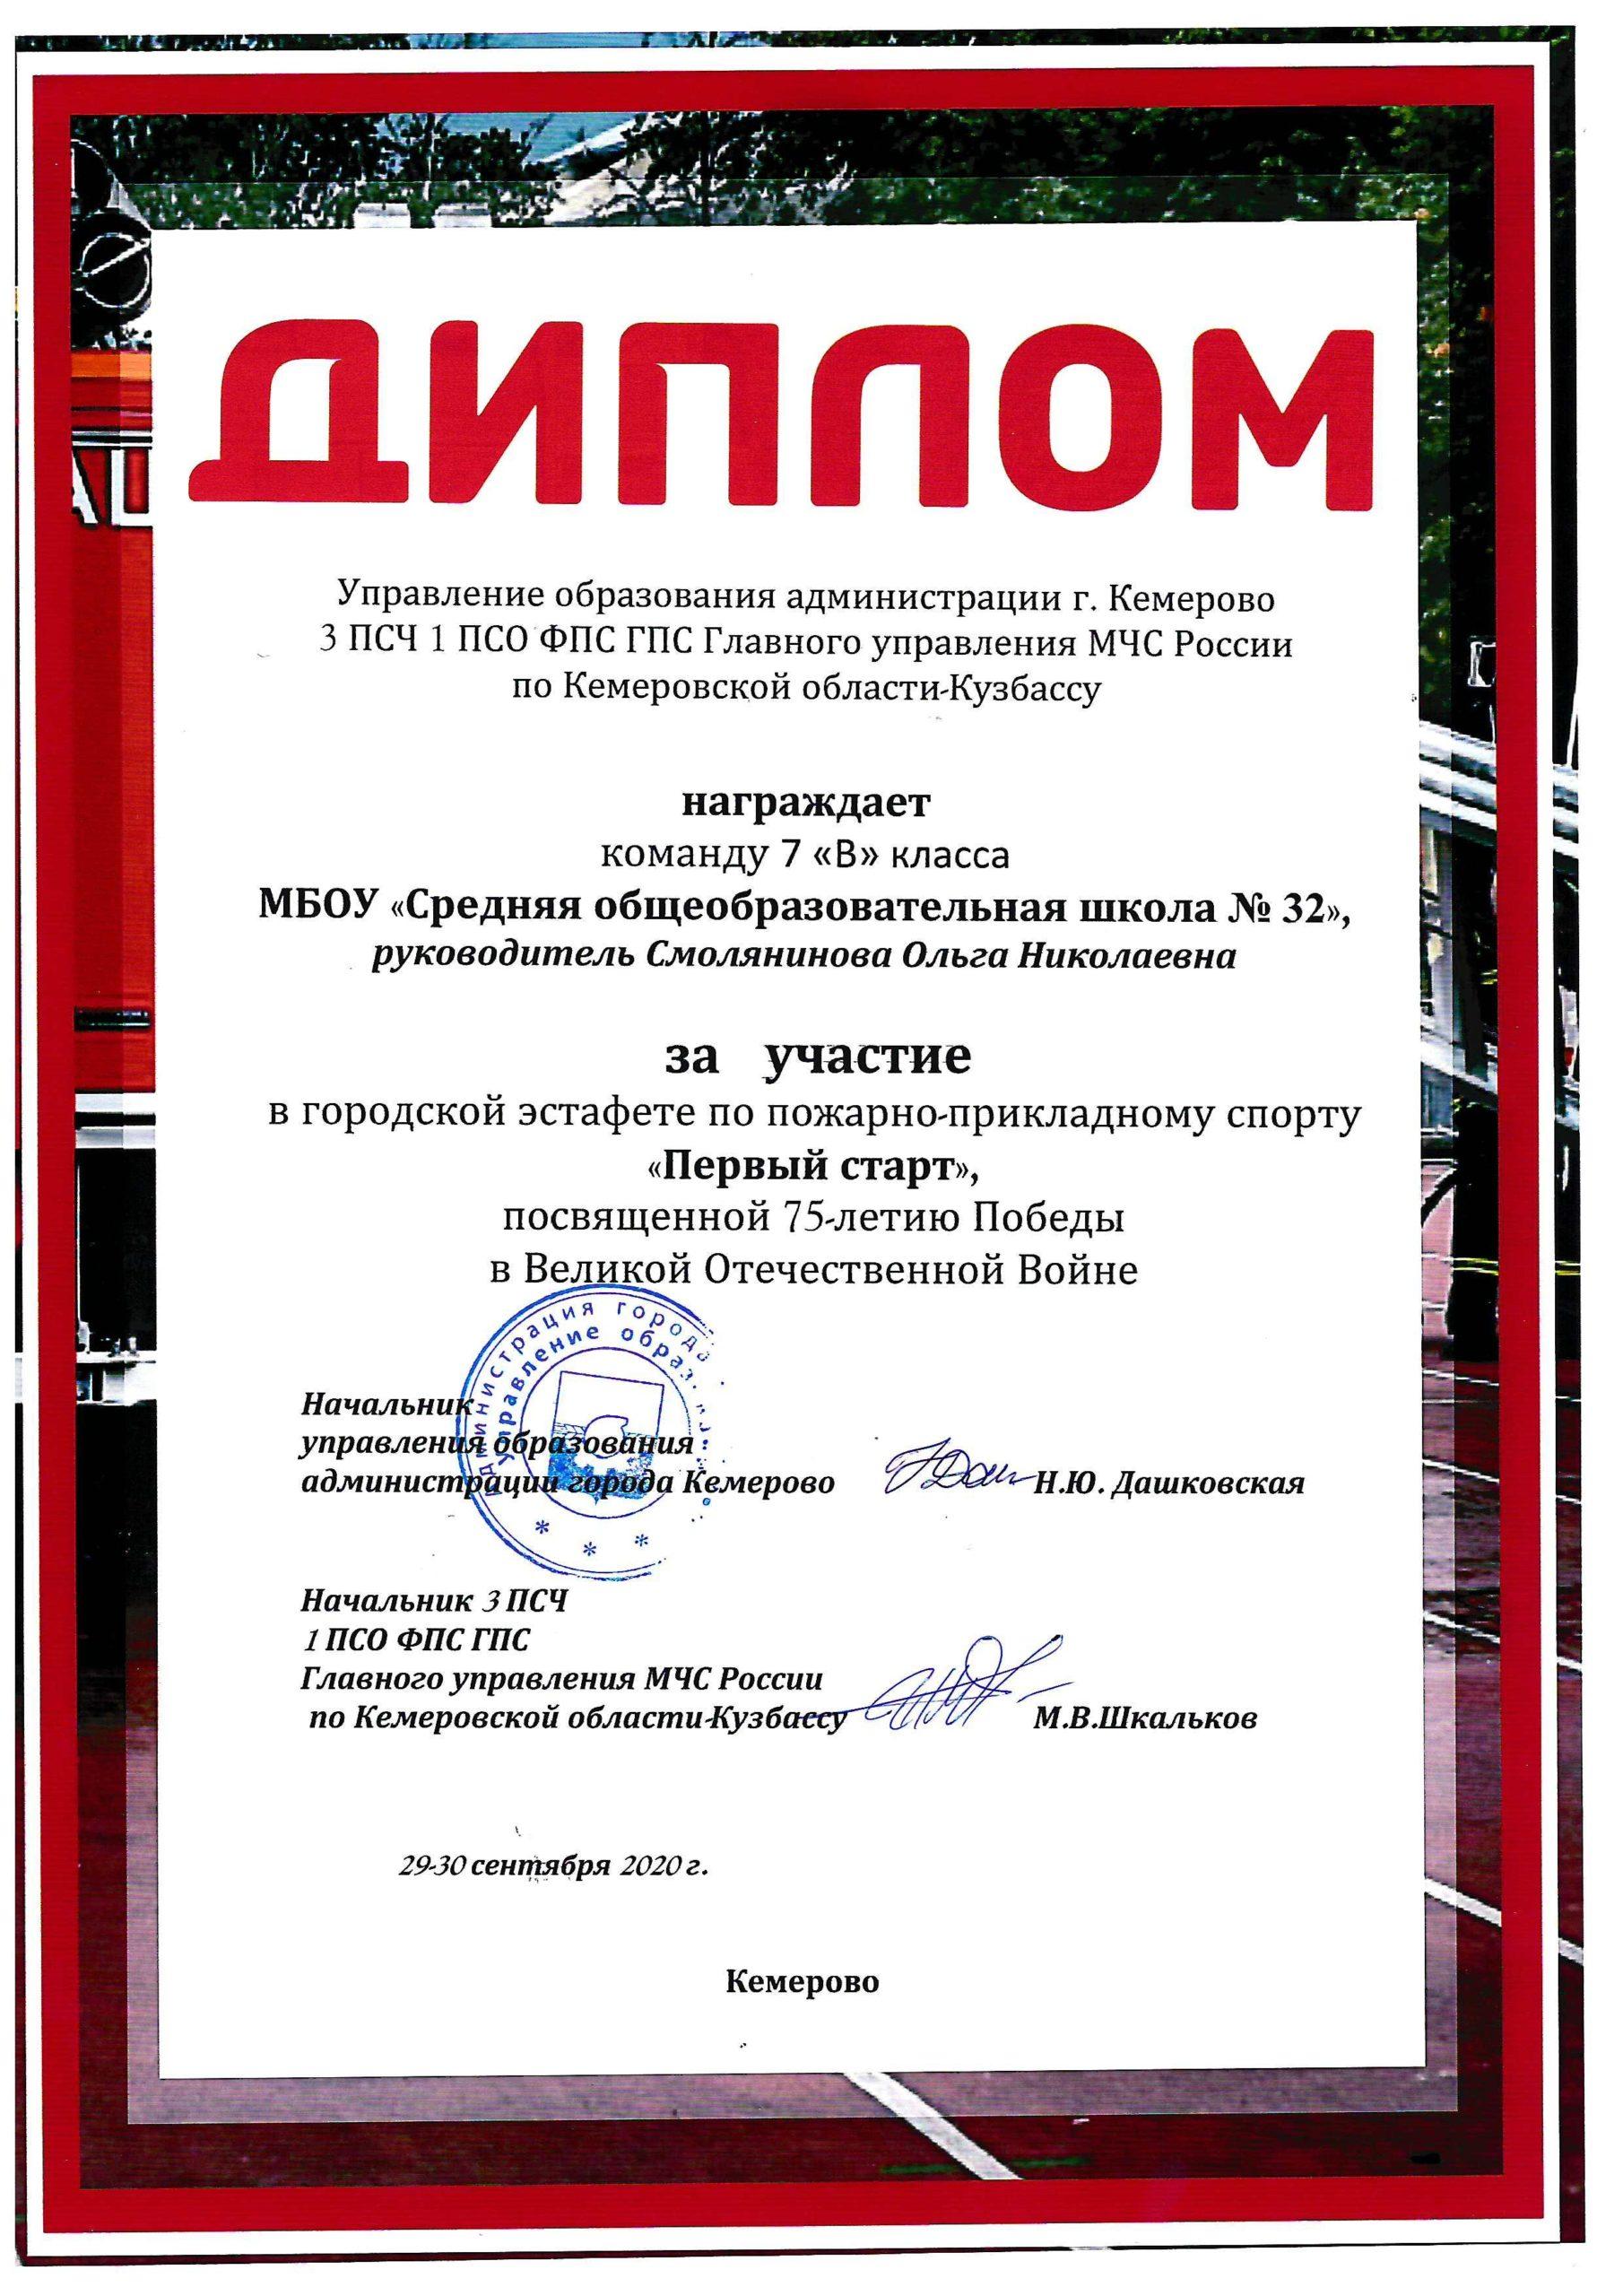 Дипломы ППС — 0007